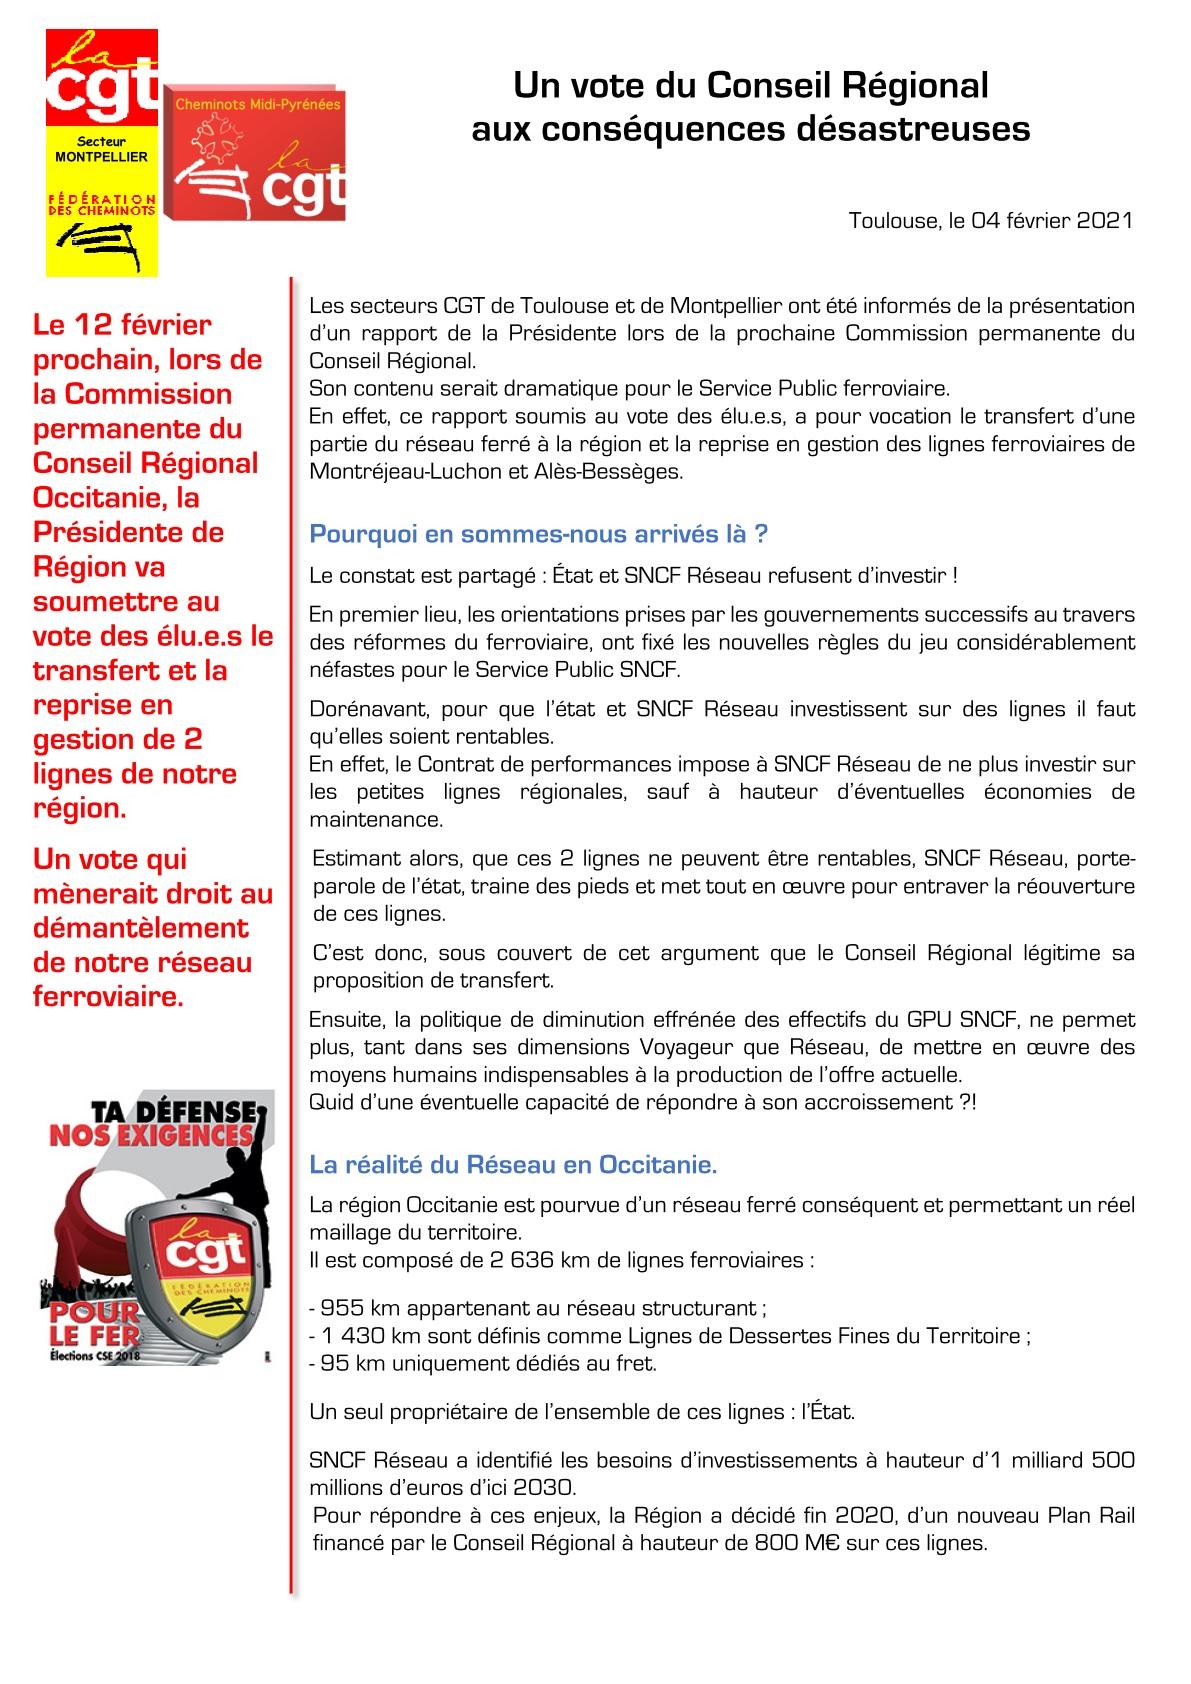 Transfert de lignes aux régions : l'analyse des cheminots CGT d'Occitanie